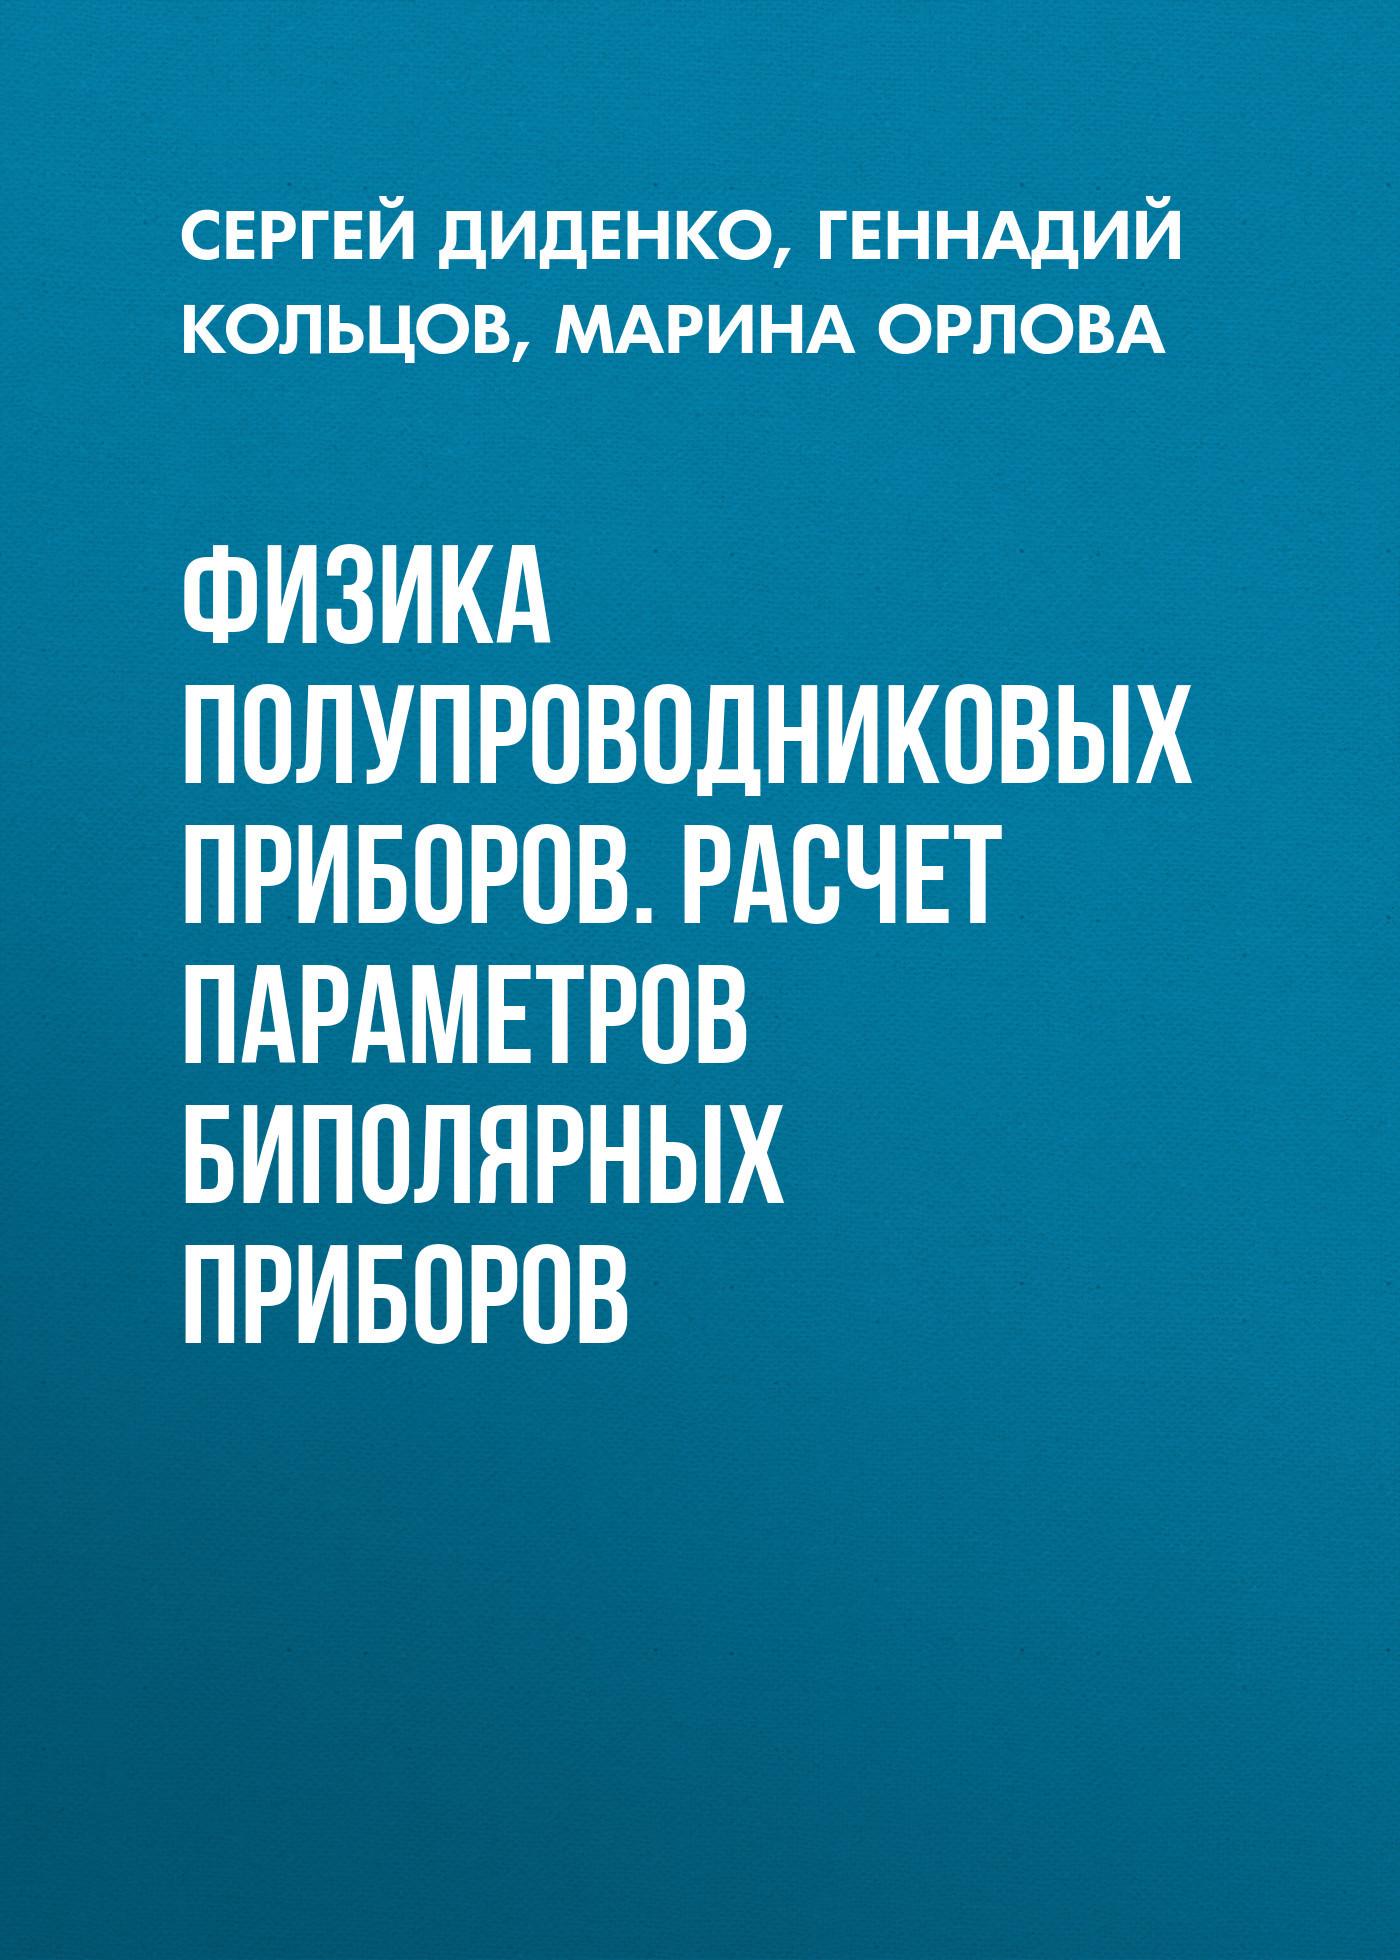 Геннадий Кольцов бесплатно